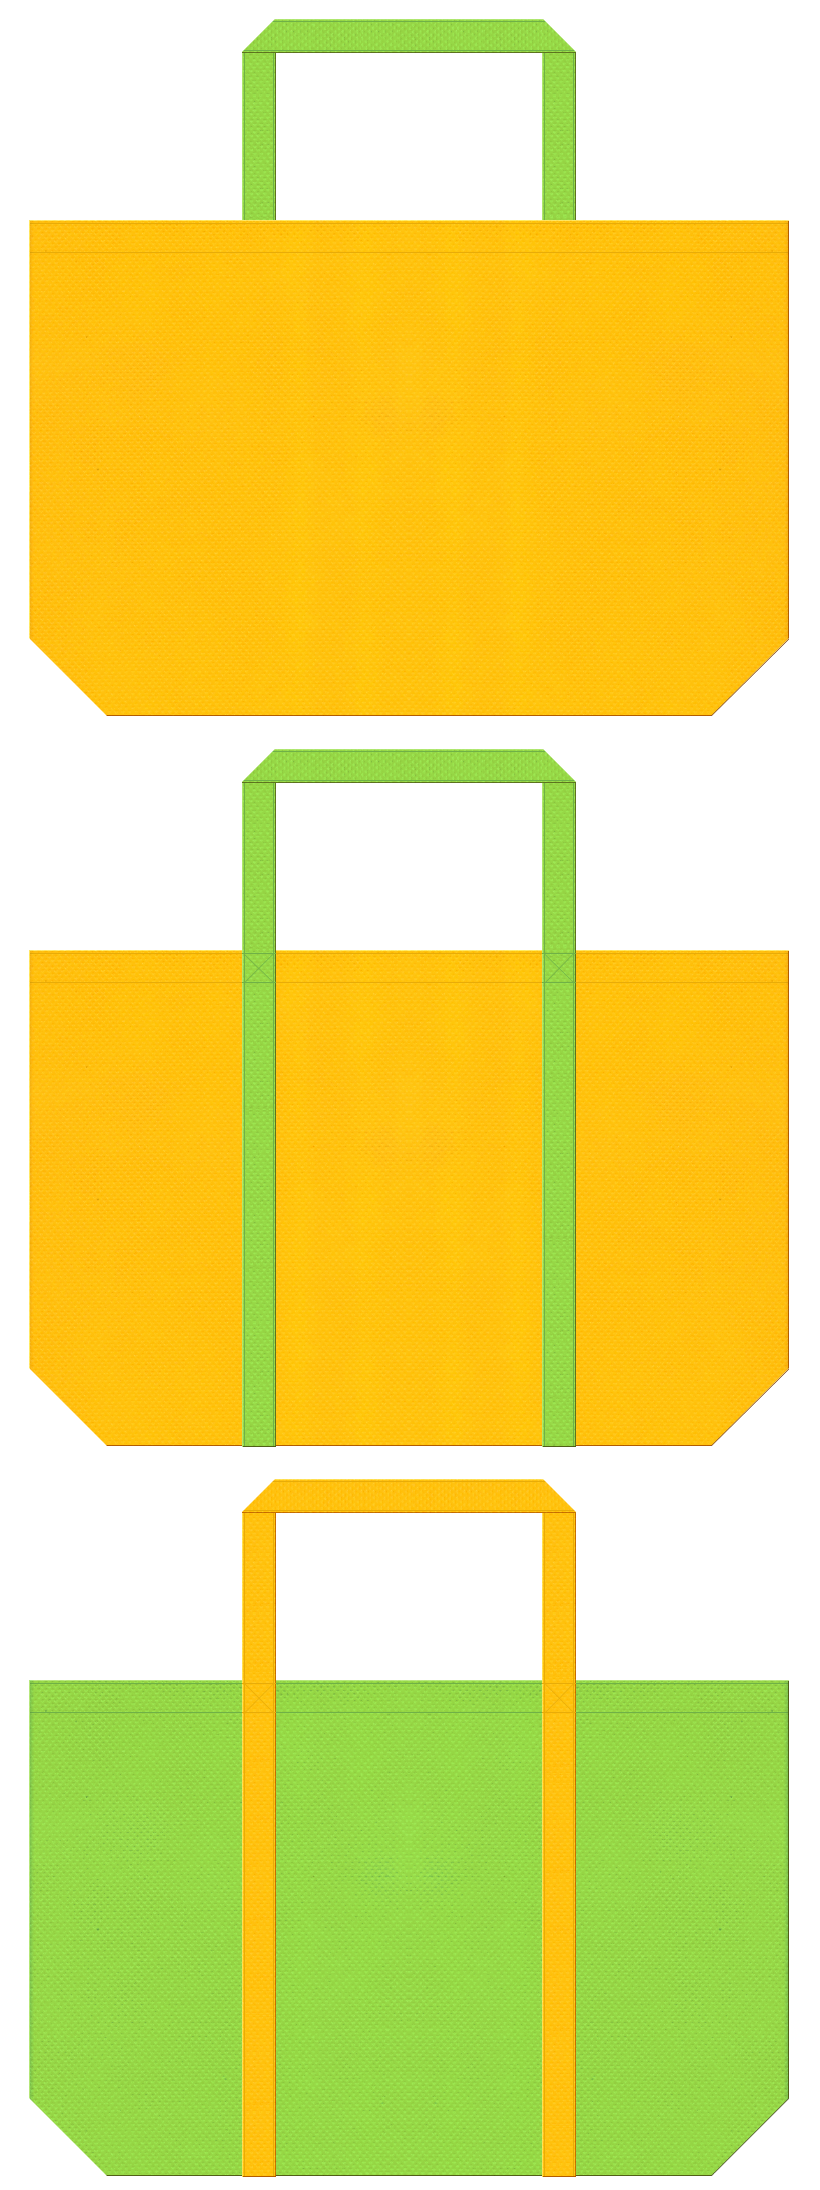 絵本・おとぎ話・おもちゃ・ゲーム・テーマパーク・通園バッグ・キッズイベント・インコ・ひまわり・とうもろこし・たんぽぽ・アブラナ・菜の花・販促イベントのノベルティにお奨めの不織布バッグデザイン:黄色と黄緑色のコーデ